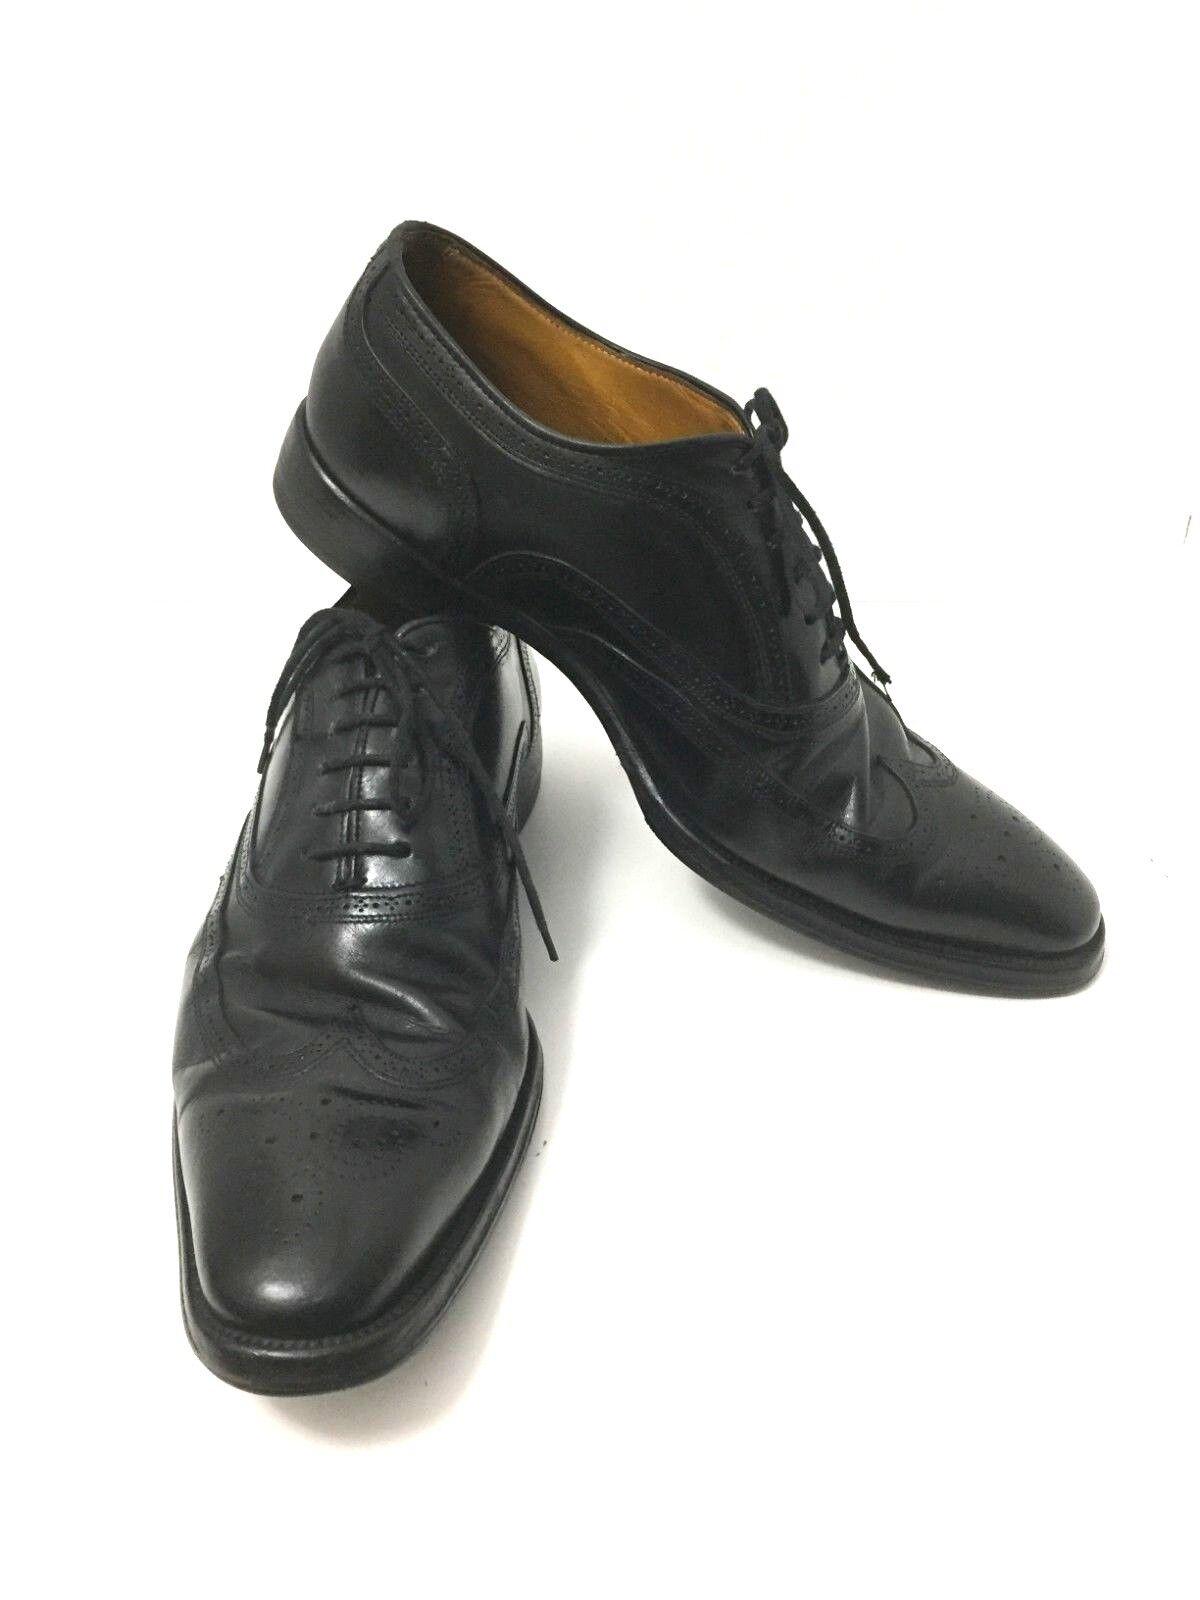 Zapatos de vestir Canali para hombre negro de extremo de ala. tamaño   US 8.5 Made in .